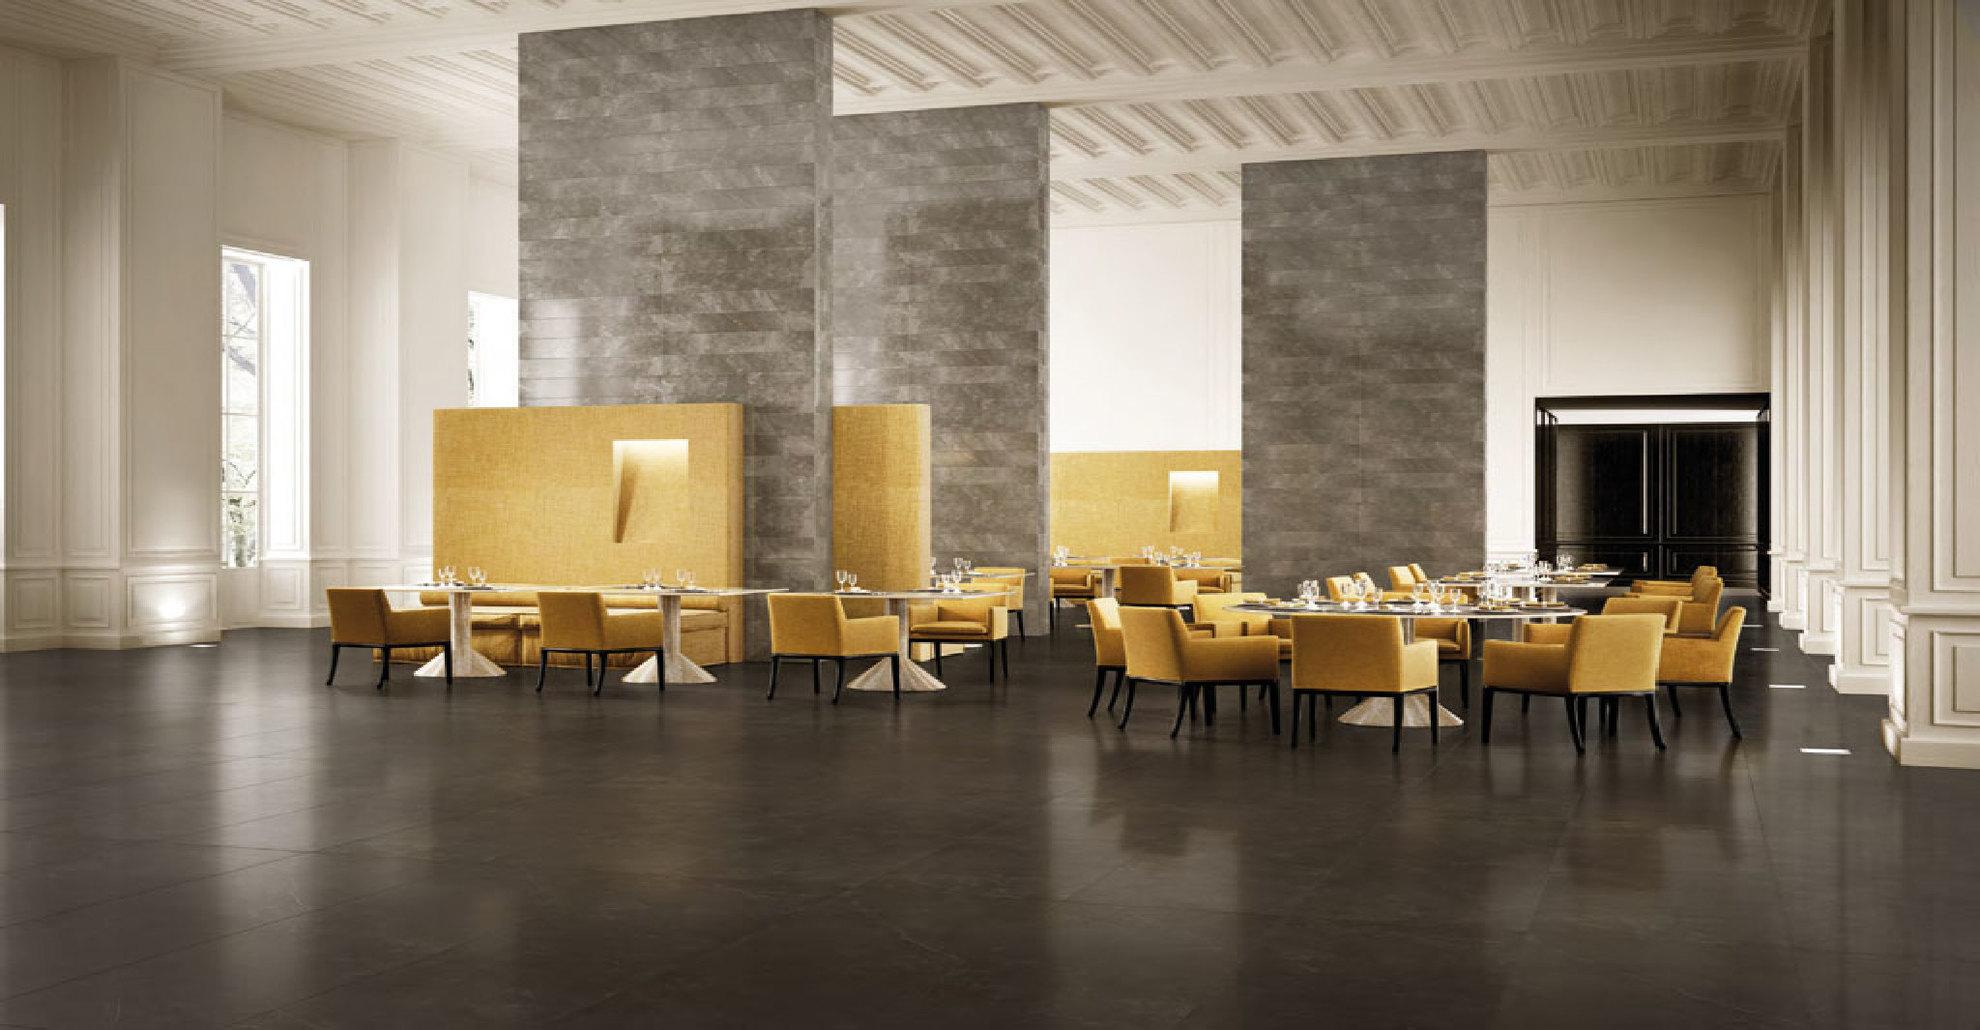 Piastrelle effetto marmo per ambienti residenziali e commerciali